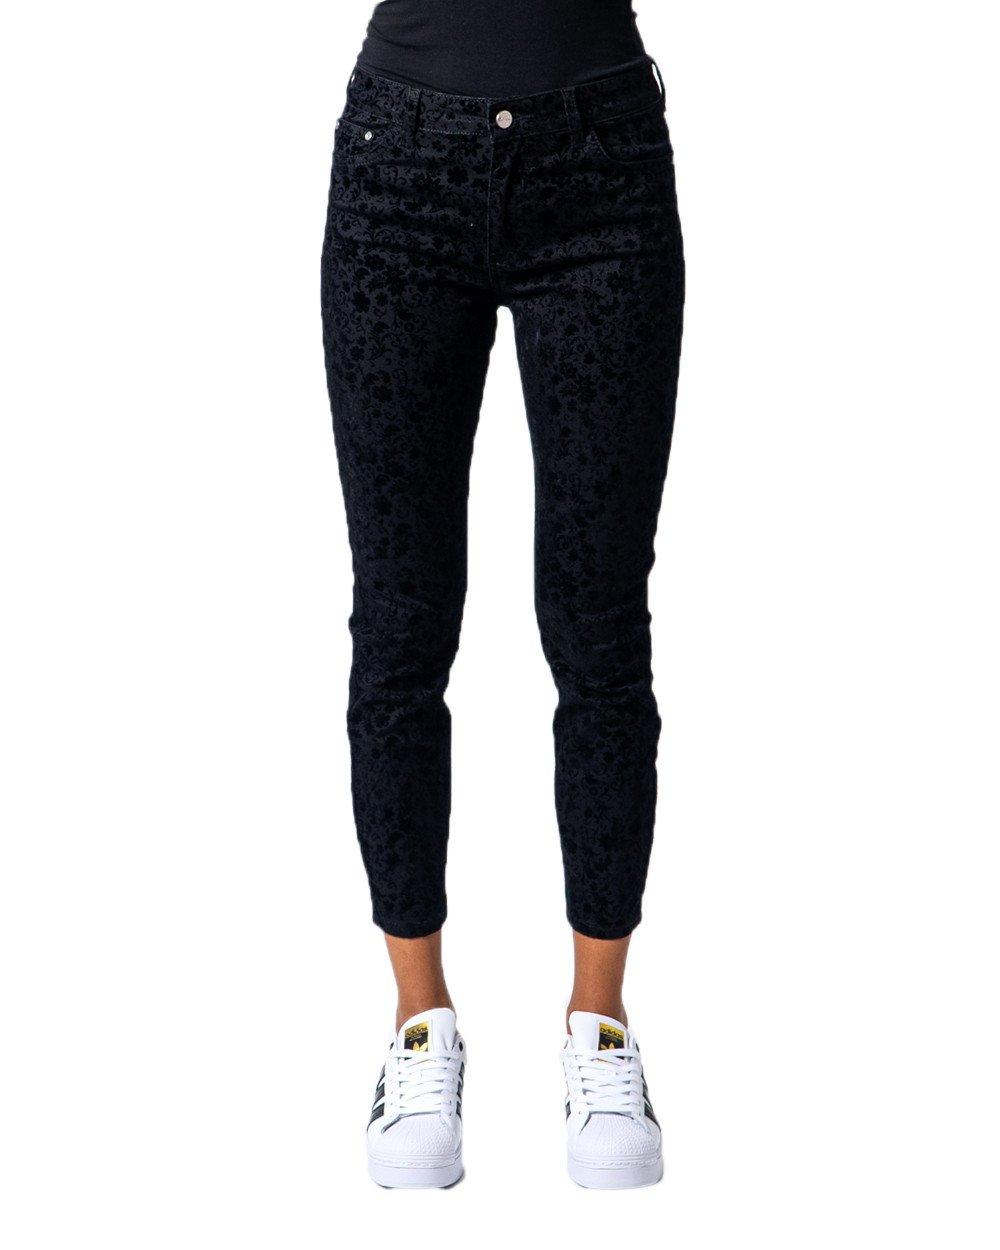 Desigual Women's Trouser Various Colours 176867 - black 36